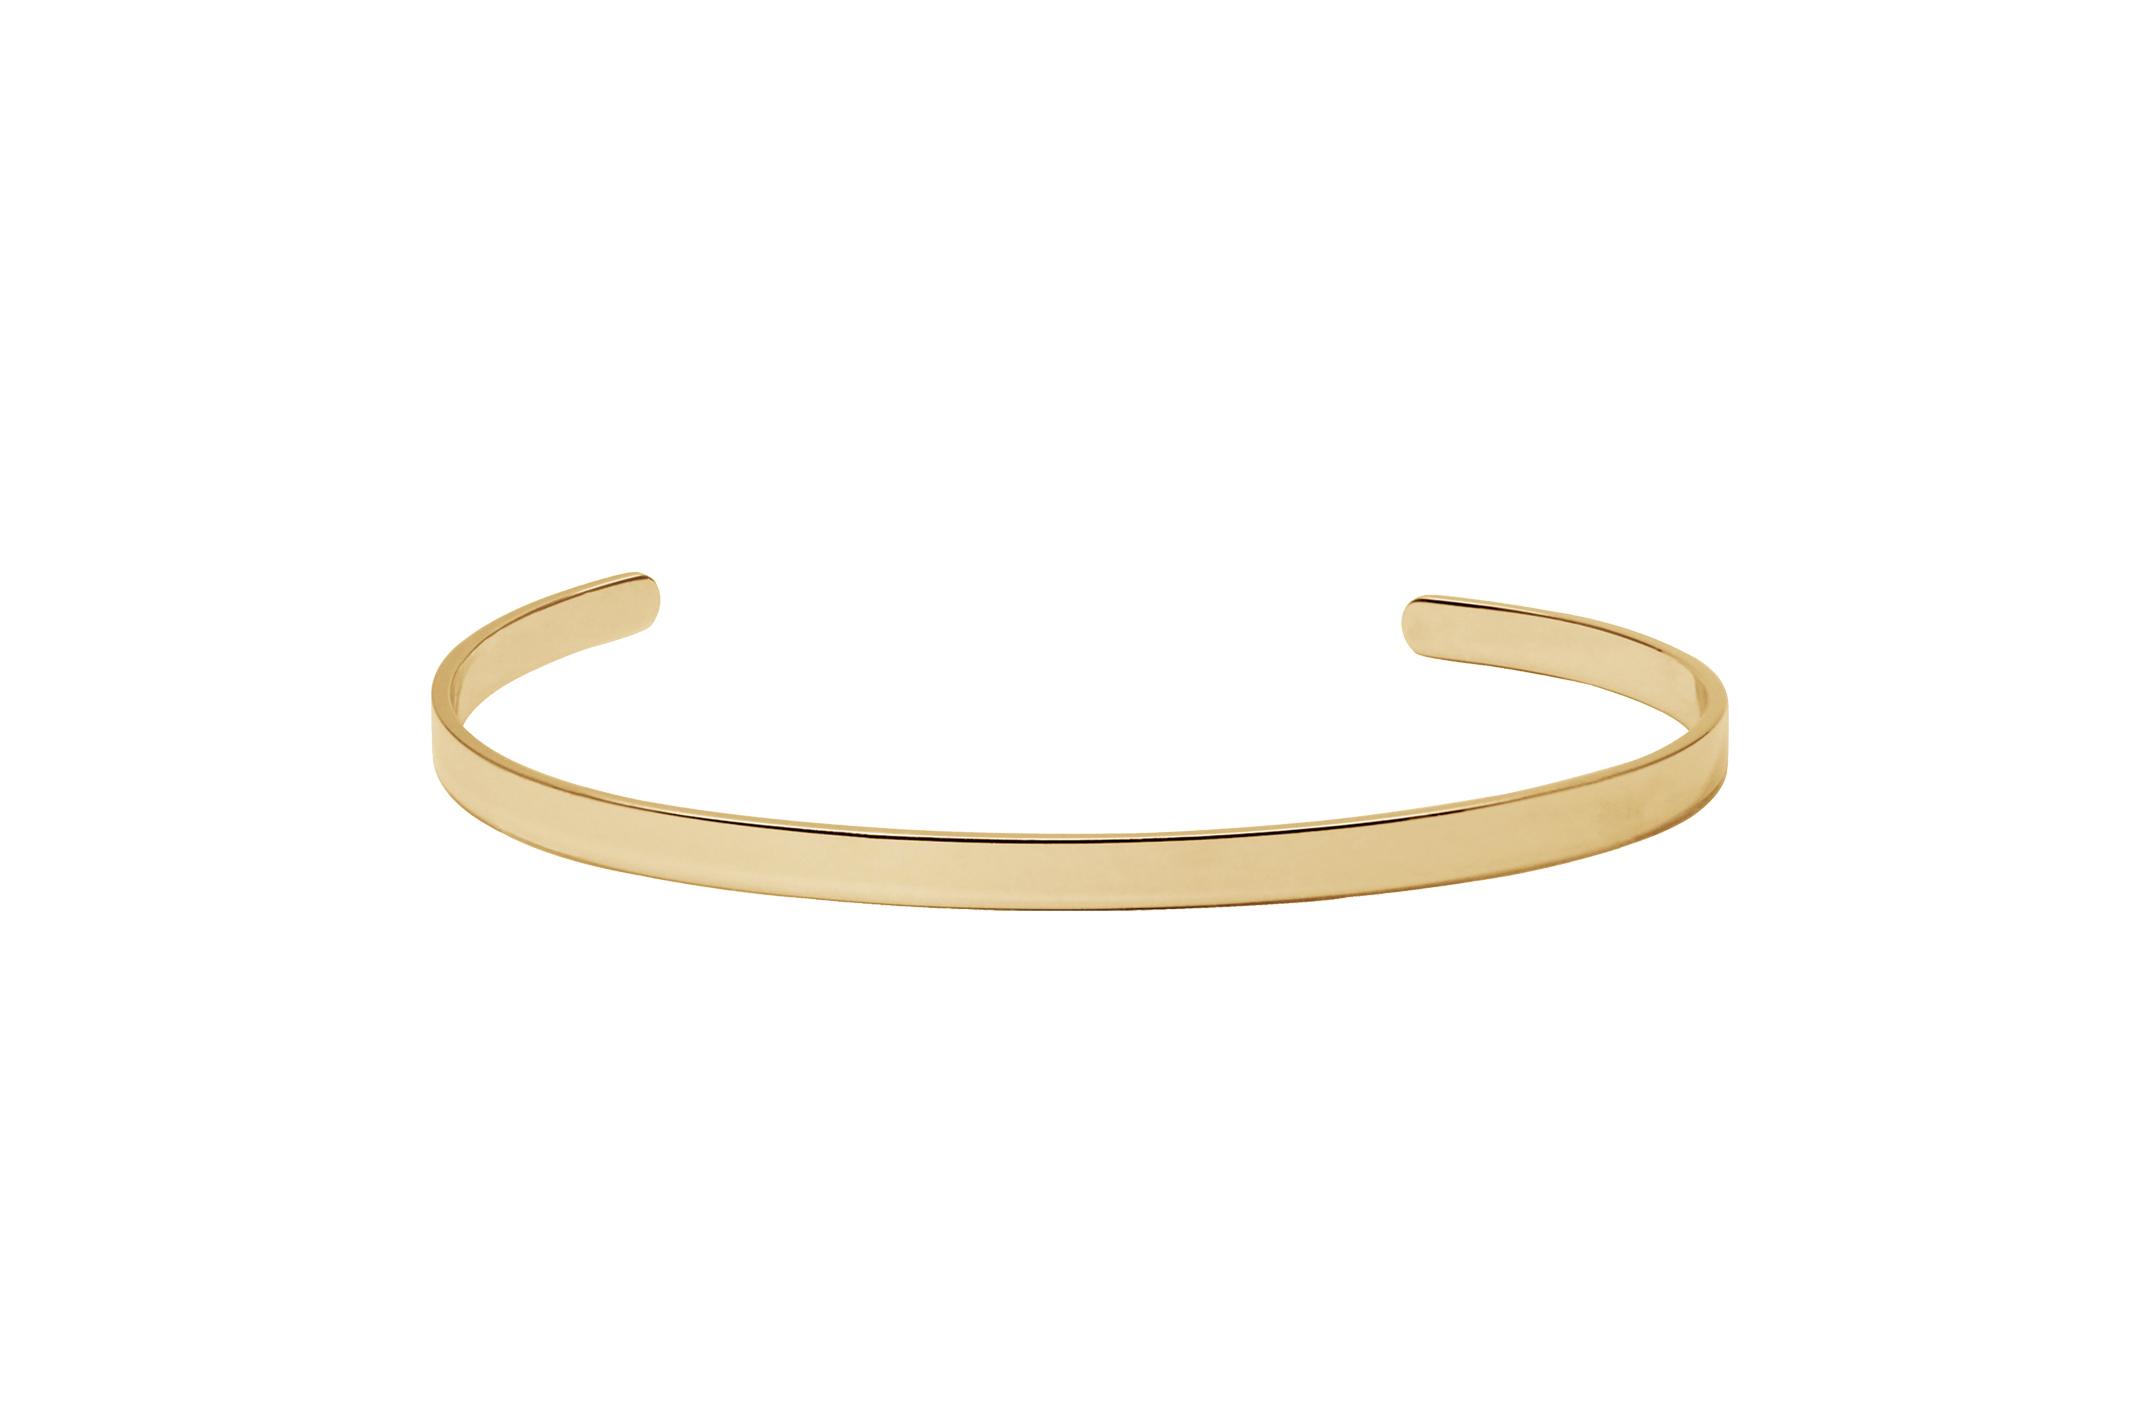 Joia: bracelete;Material: ouro 19.25 kt;Peso: 12.0 gr;Cor: amarelo;Género: homem